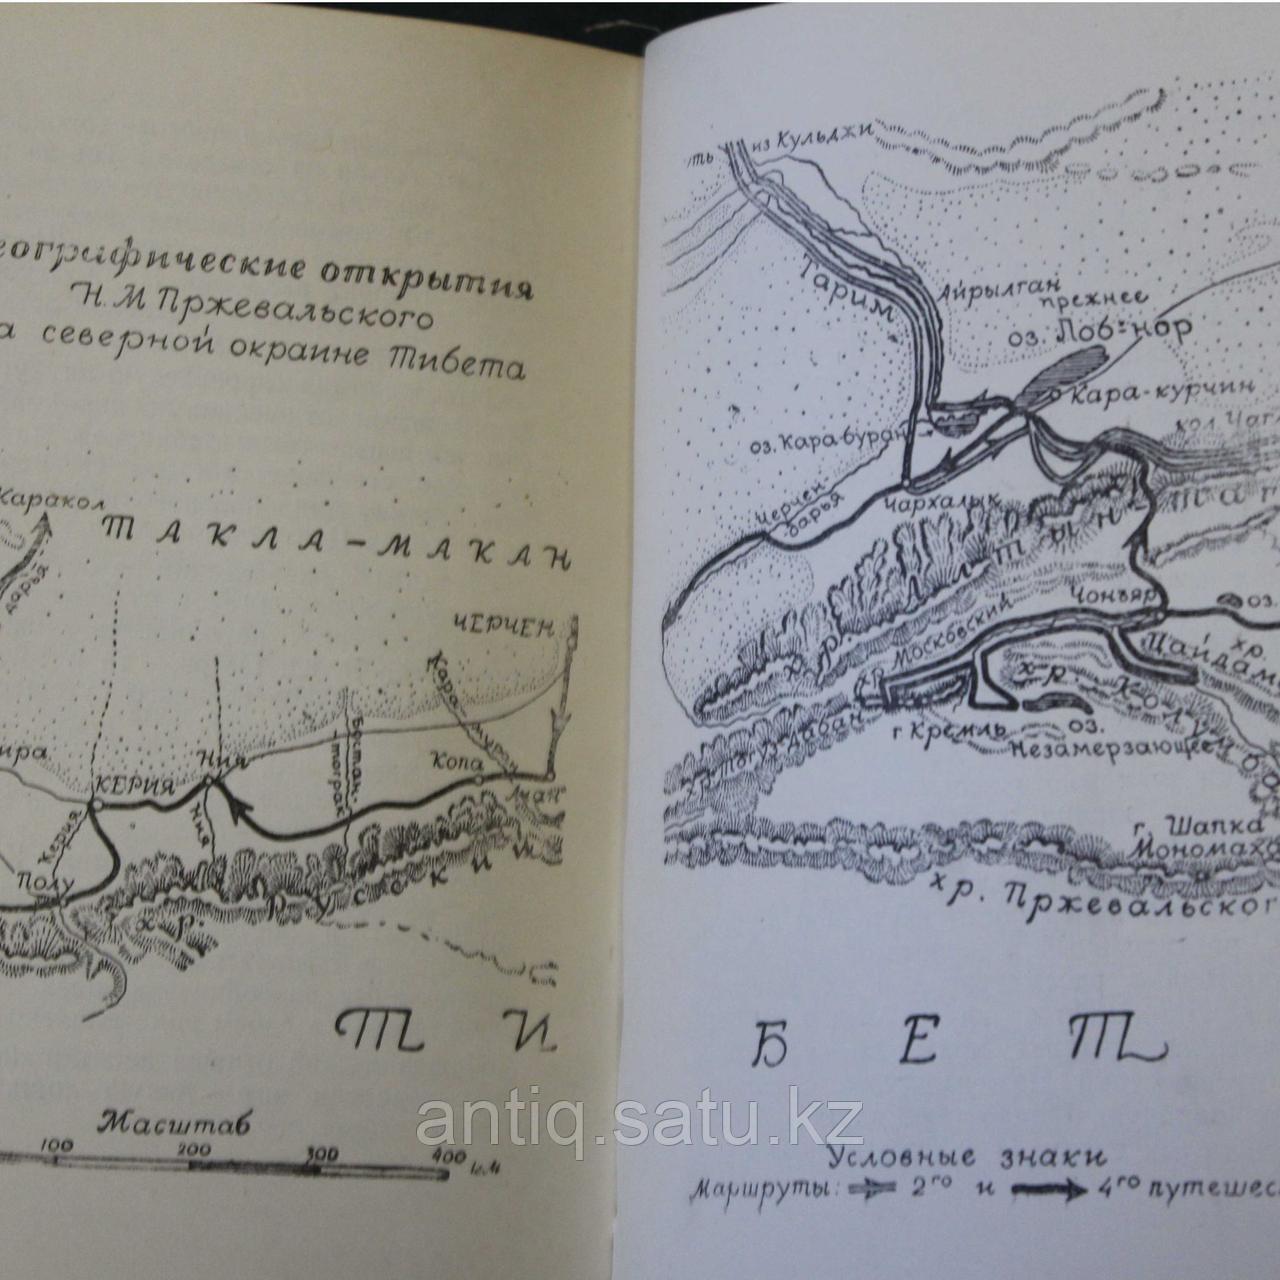 Пржевальский Редкая старая книга о Путешествиях по Центральной Азии. - фото 3